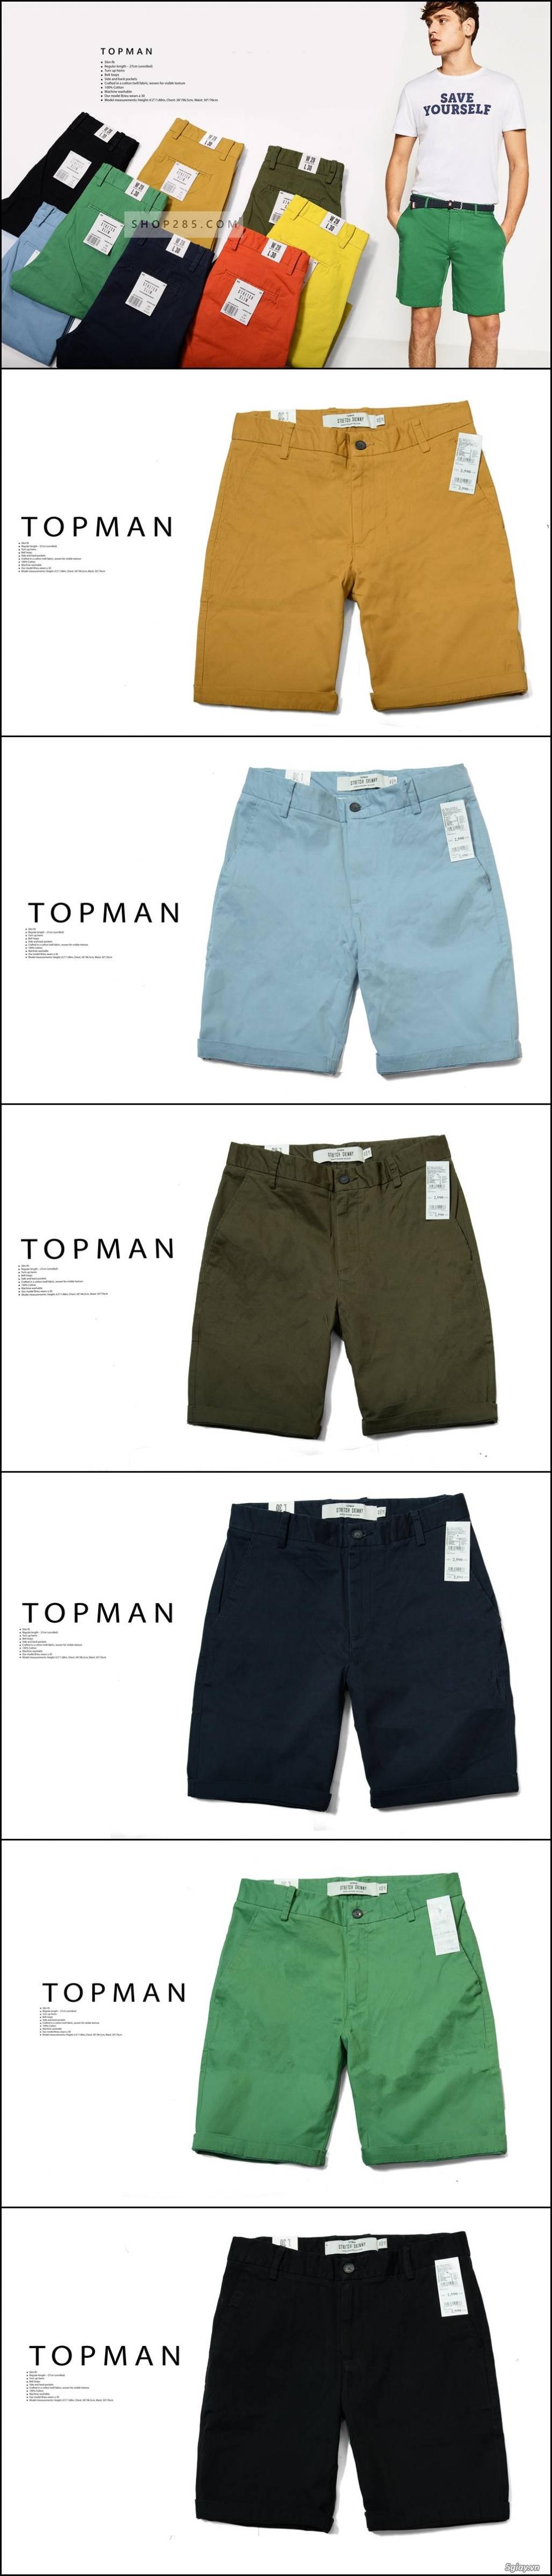 Shop285.com - Shop quần áo thời trang nam VNXK mẫu mới về liên tục ^^ - 5